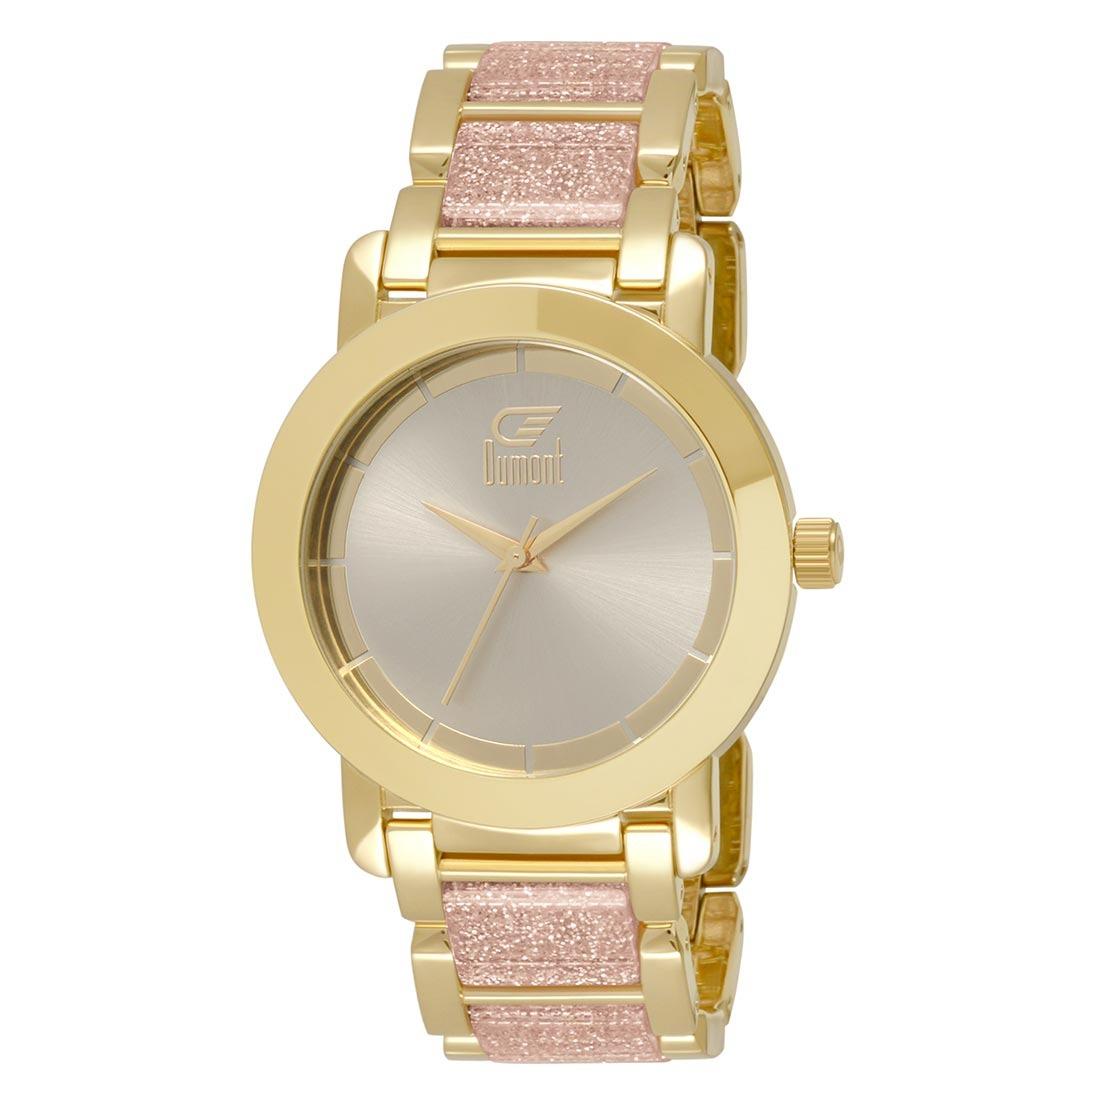 ad05d1b4069 Relógios Feminino Dumont Analogico - Du2035lst 5q - R  130